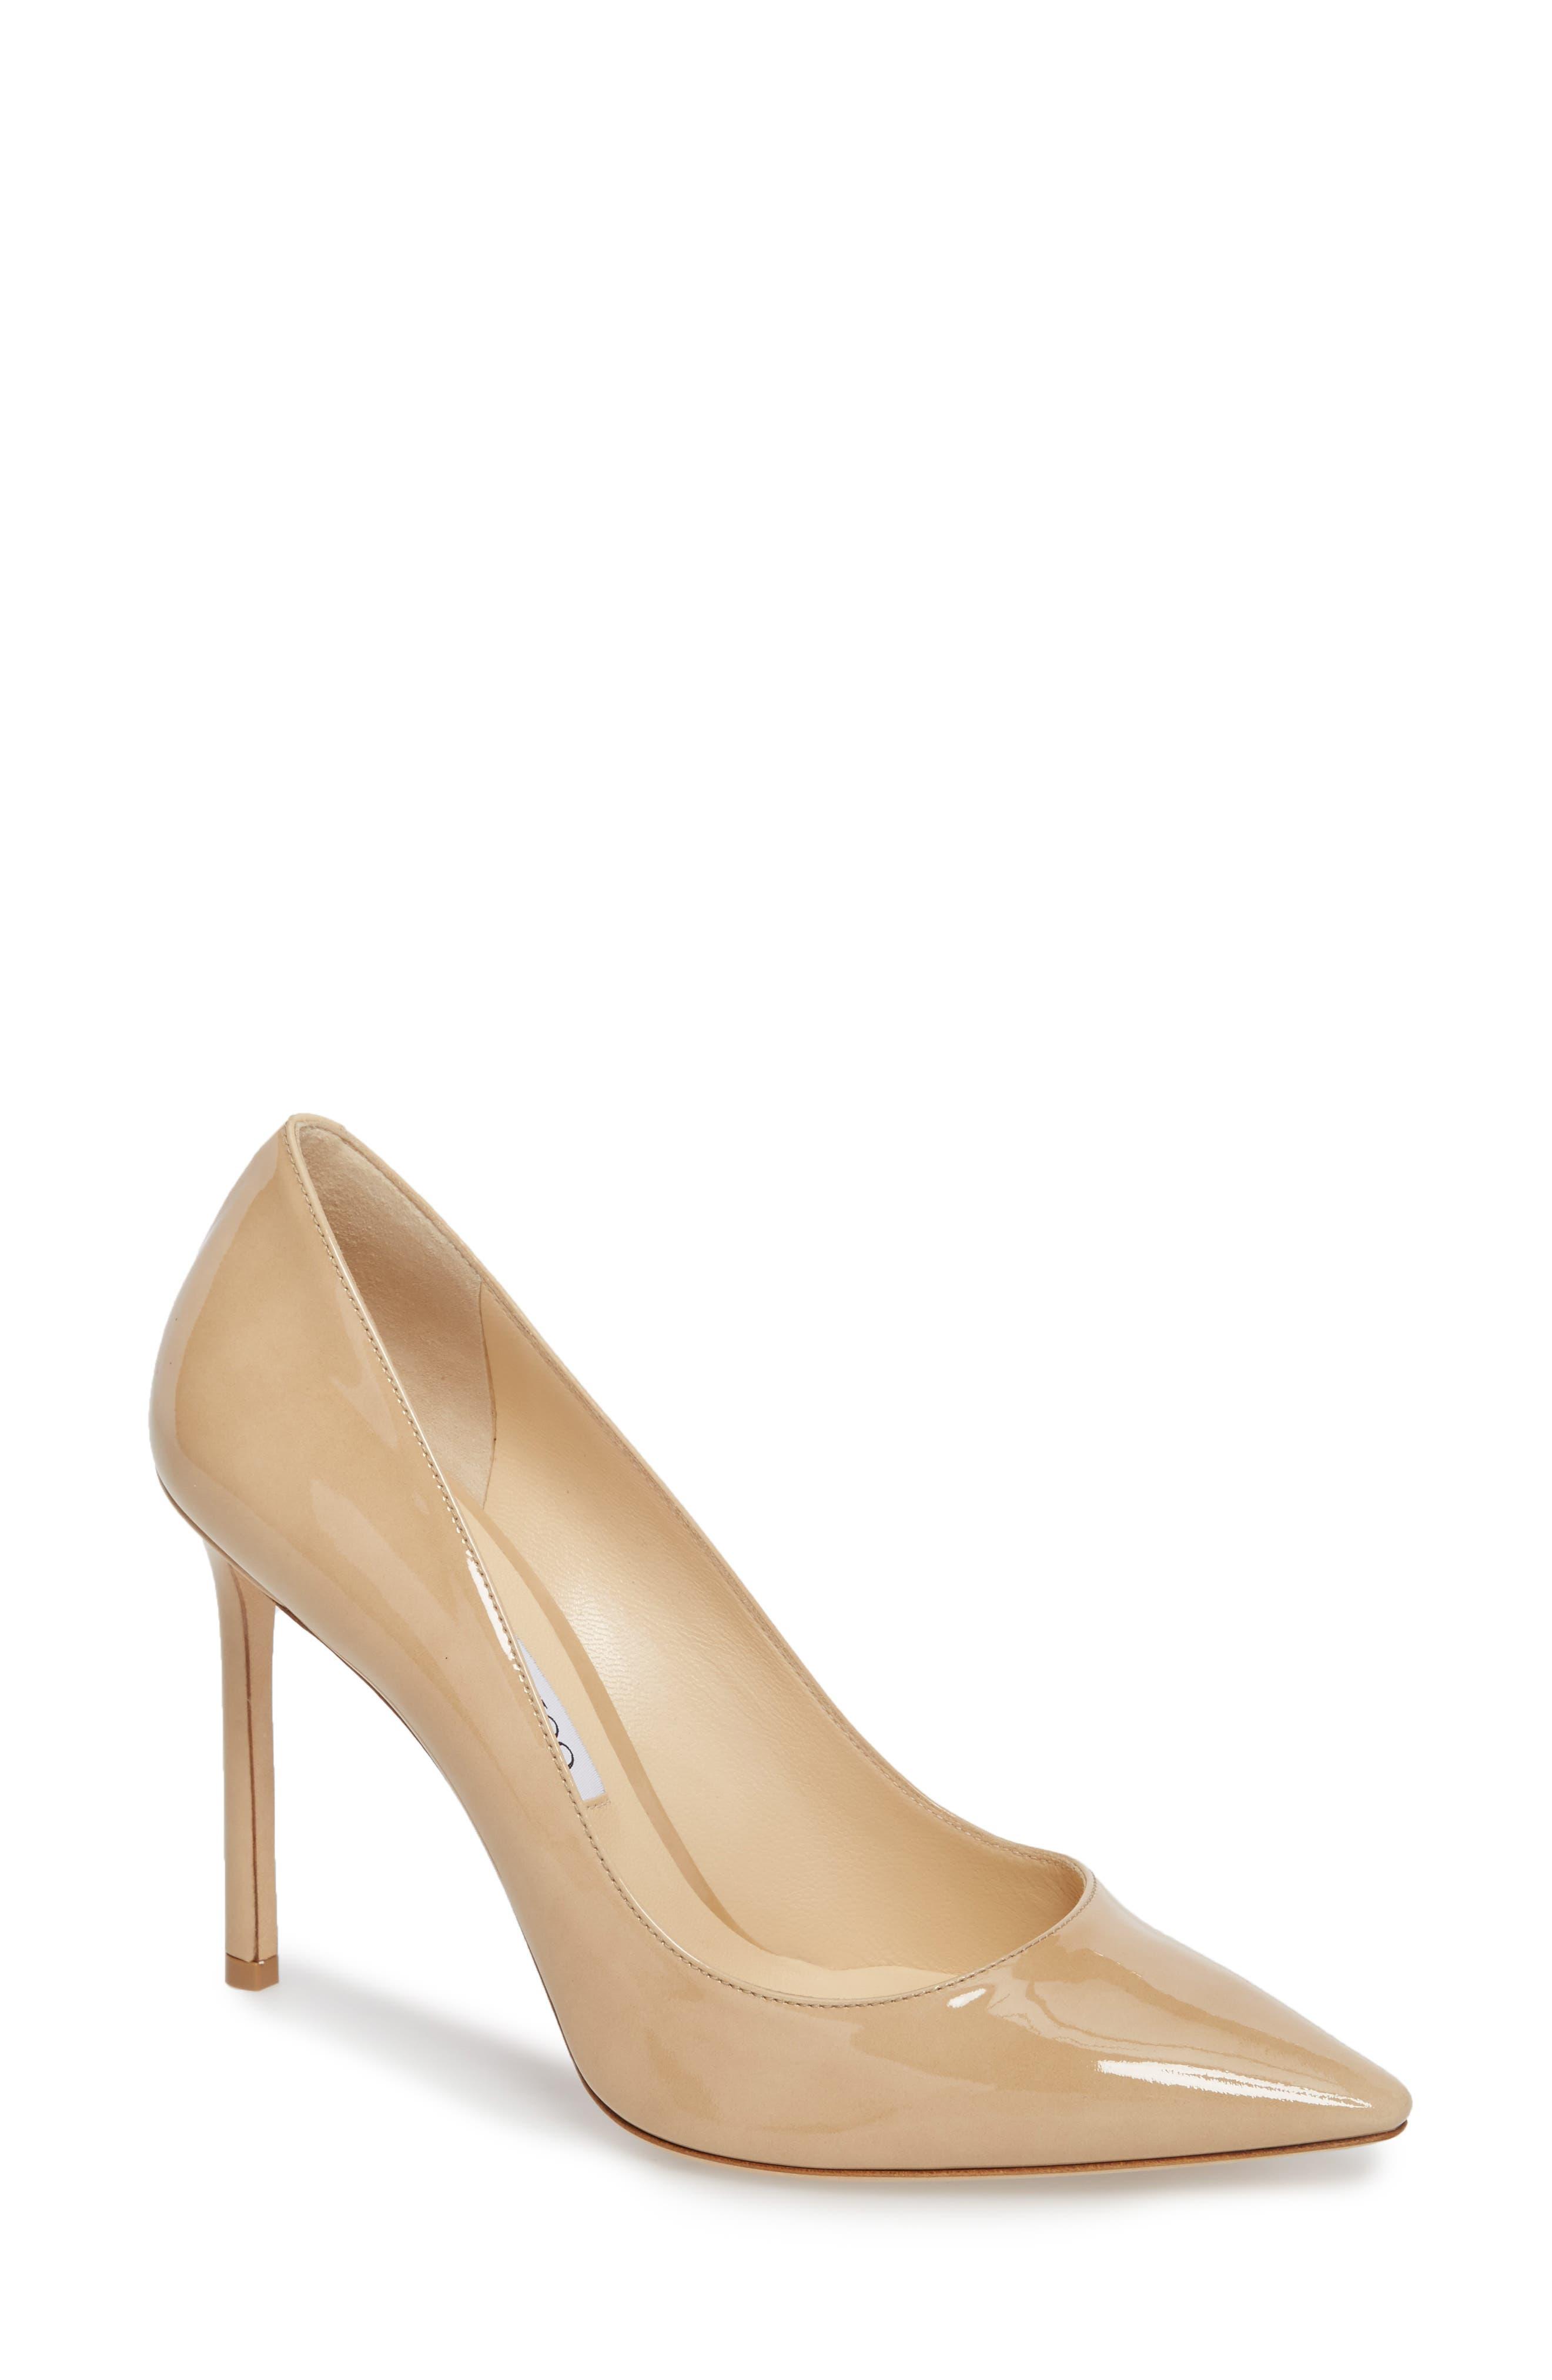 464fc59b0e Jimmy Choo Women's Shoes